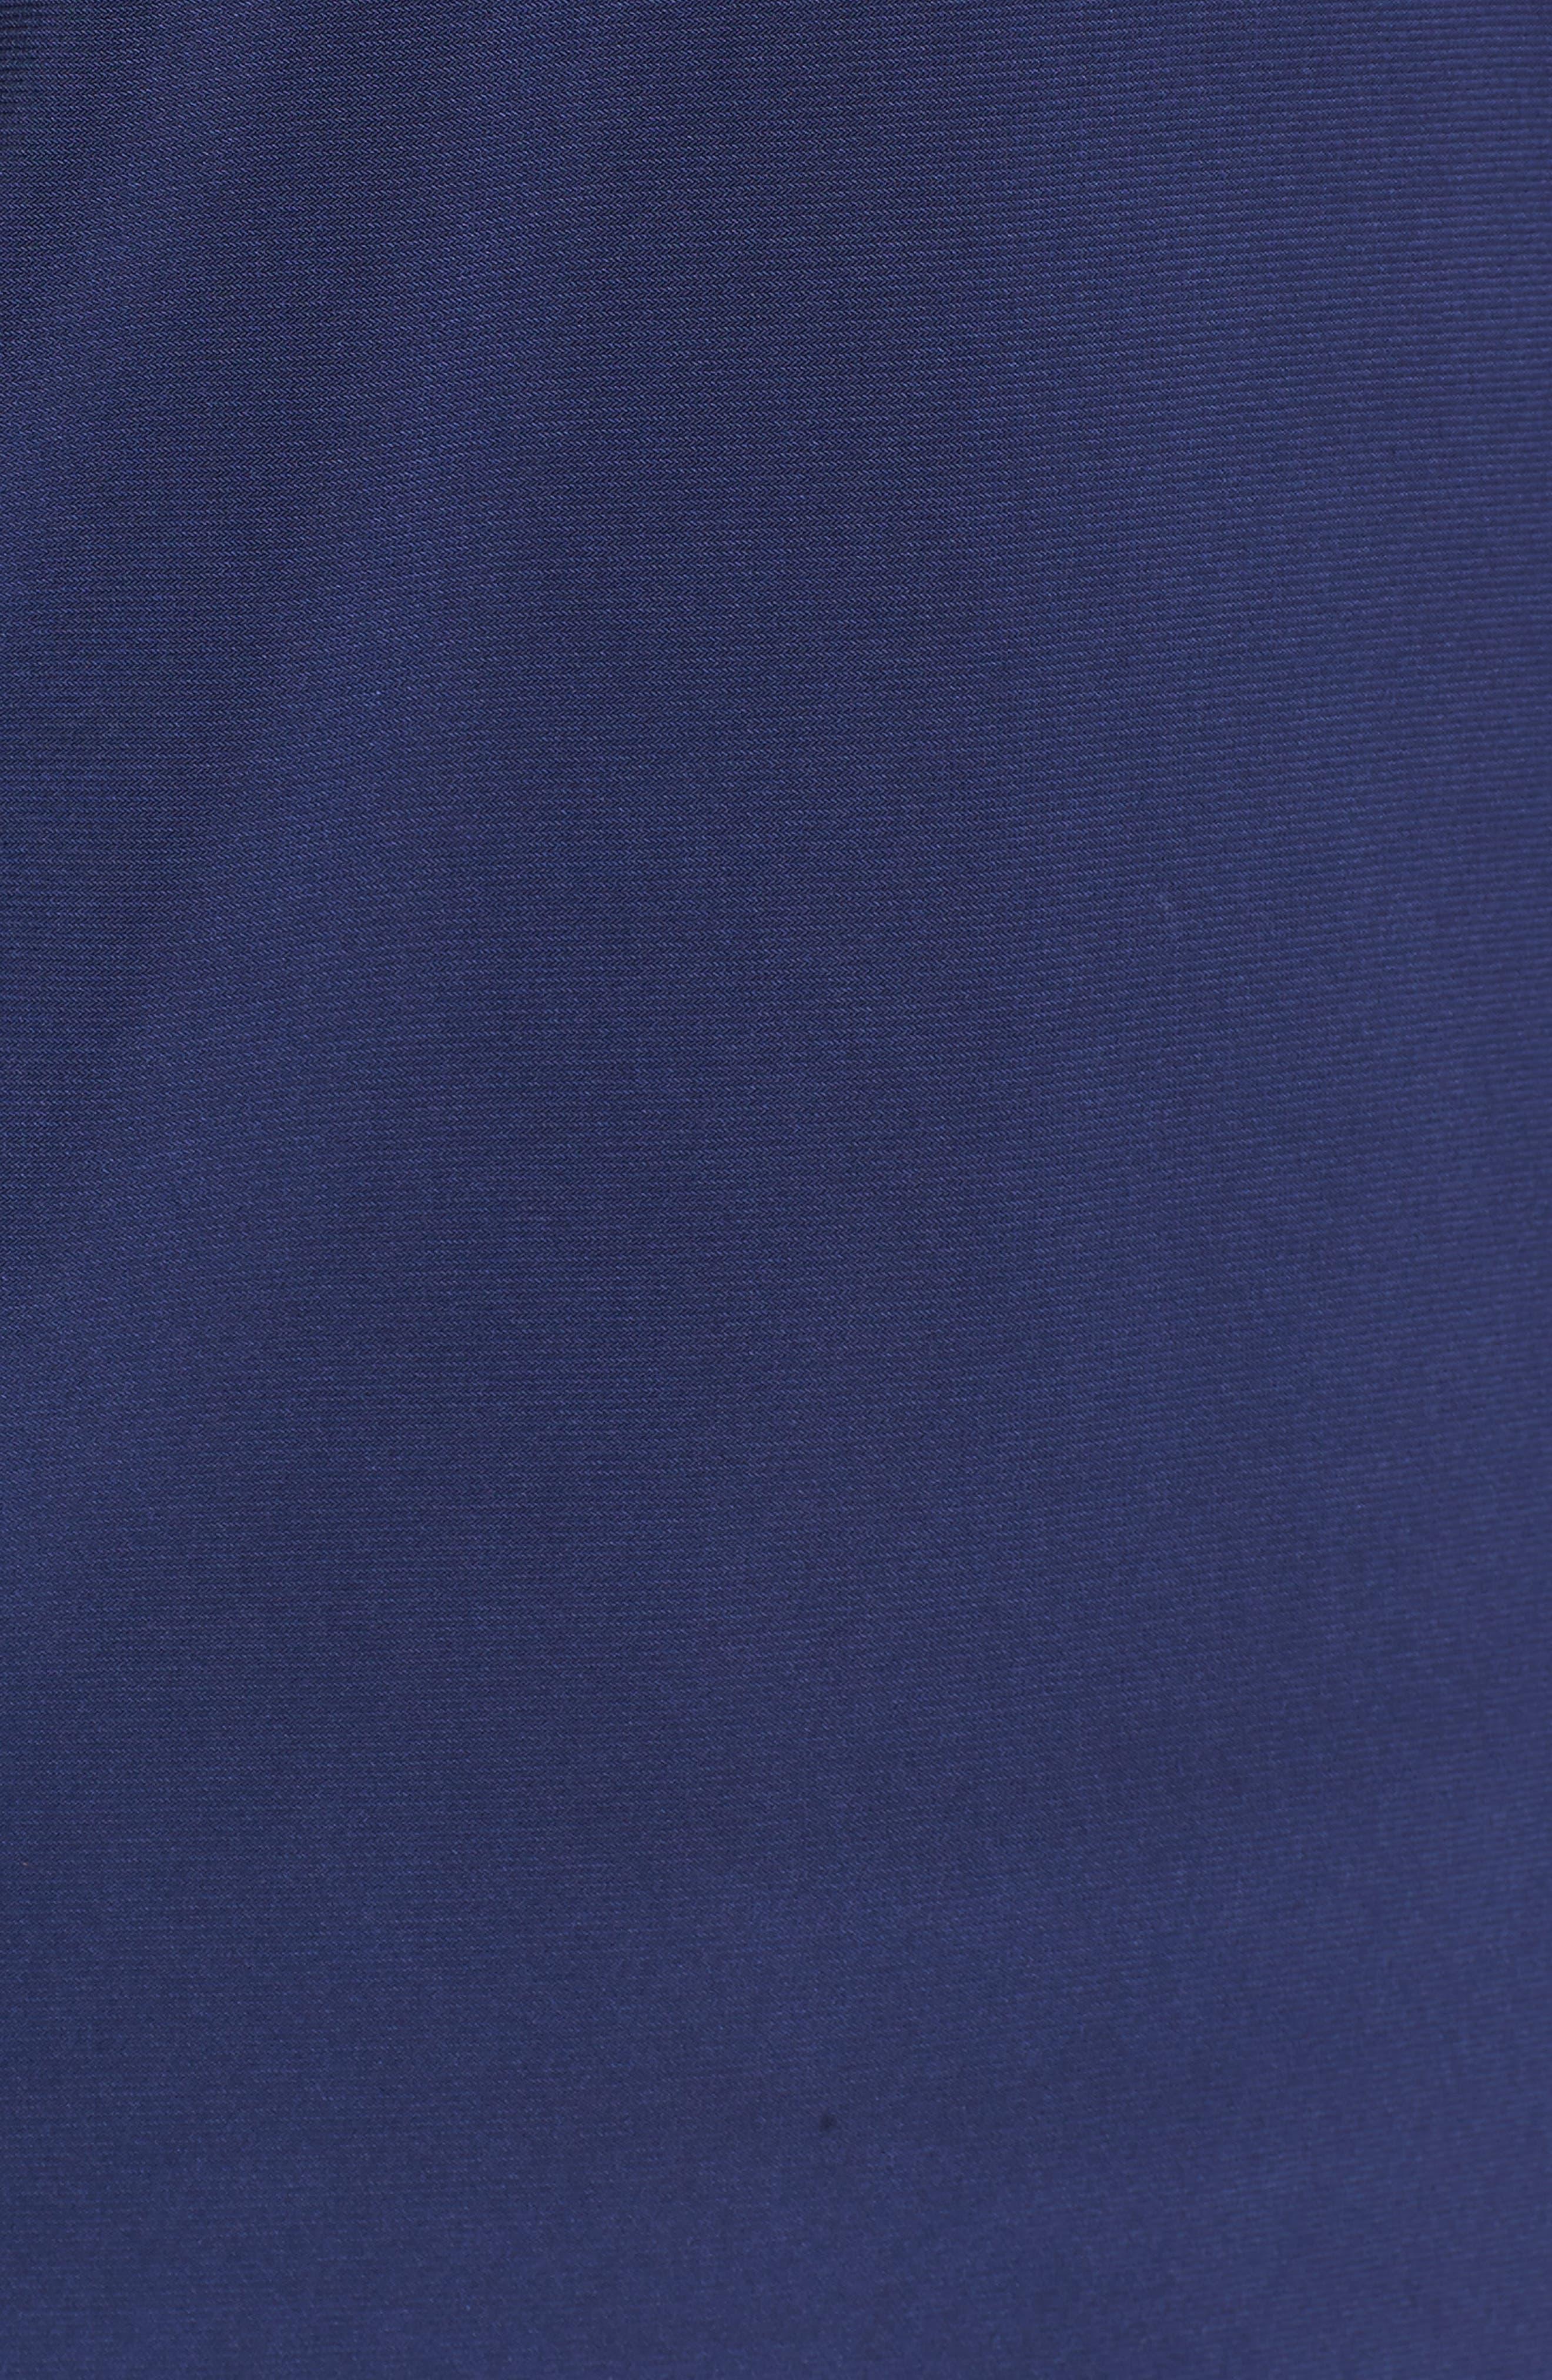 Pleat V-Neck Top,                             Alternate thumbnail 6, color,                             Breton Blue